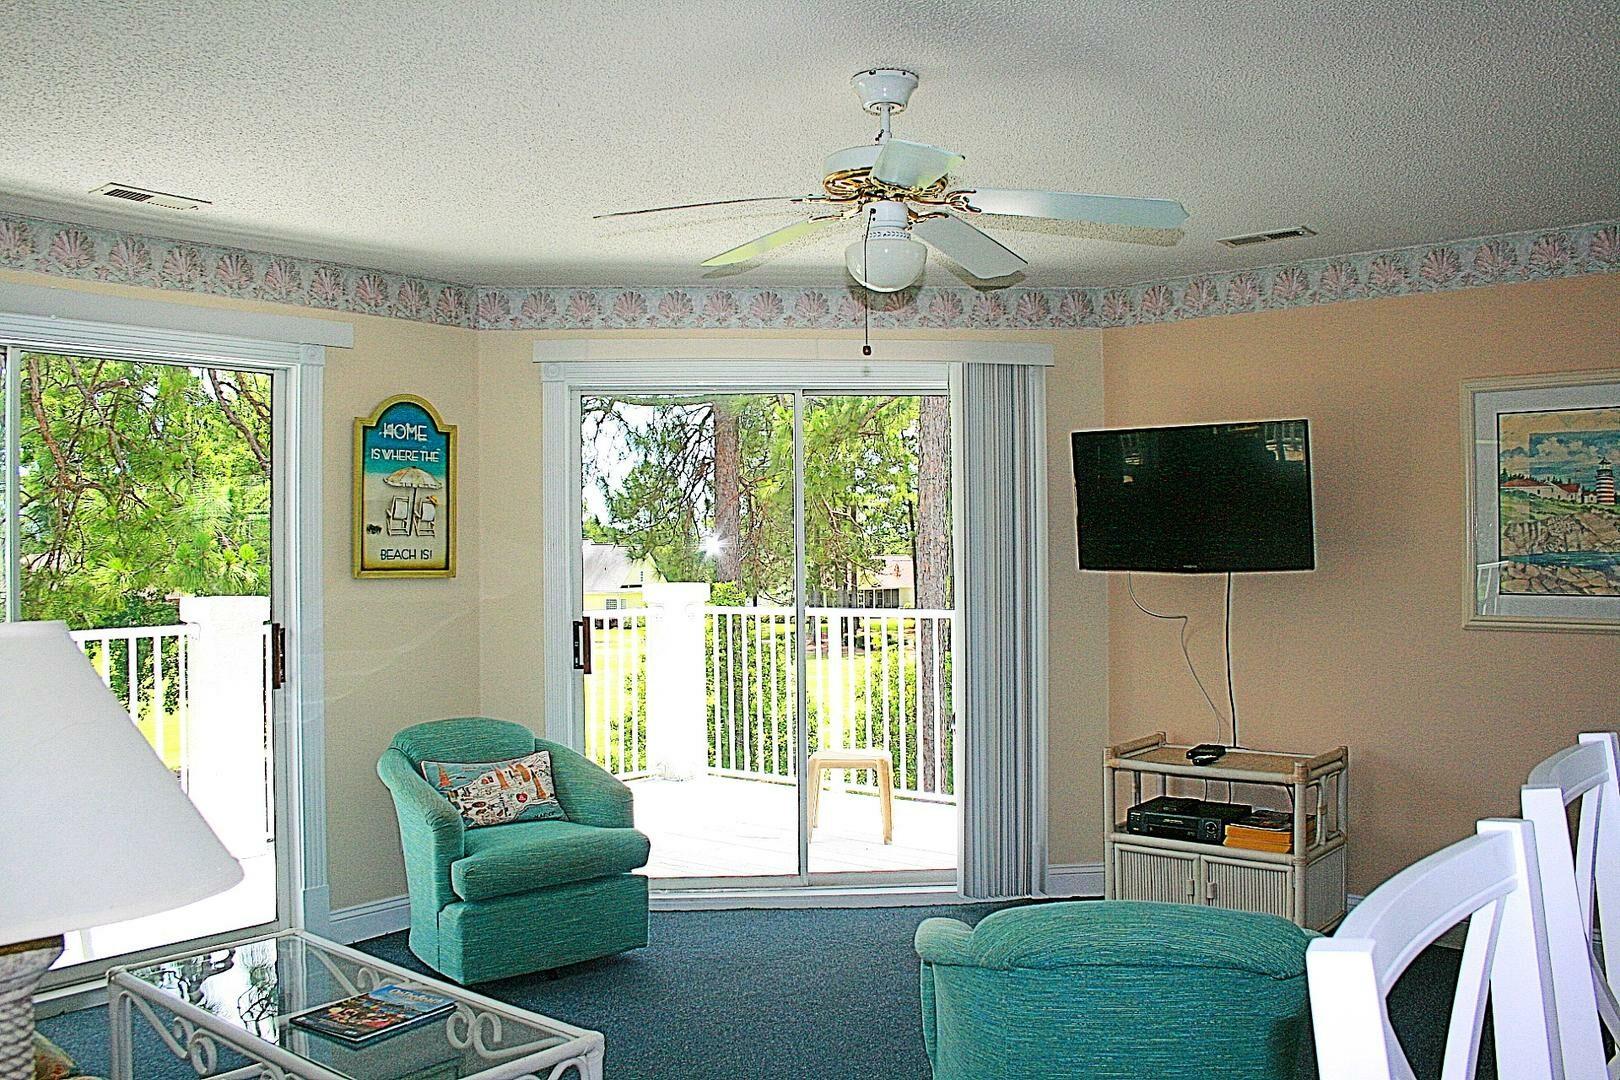 709M 1 Bedroom/1 Bath Villa